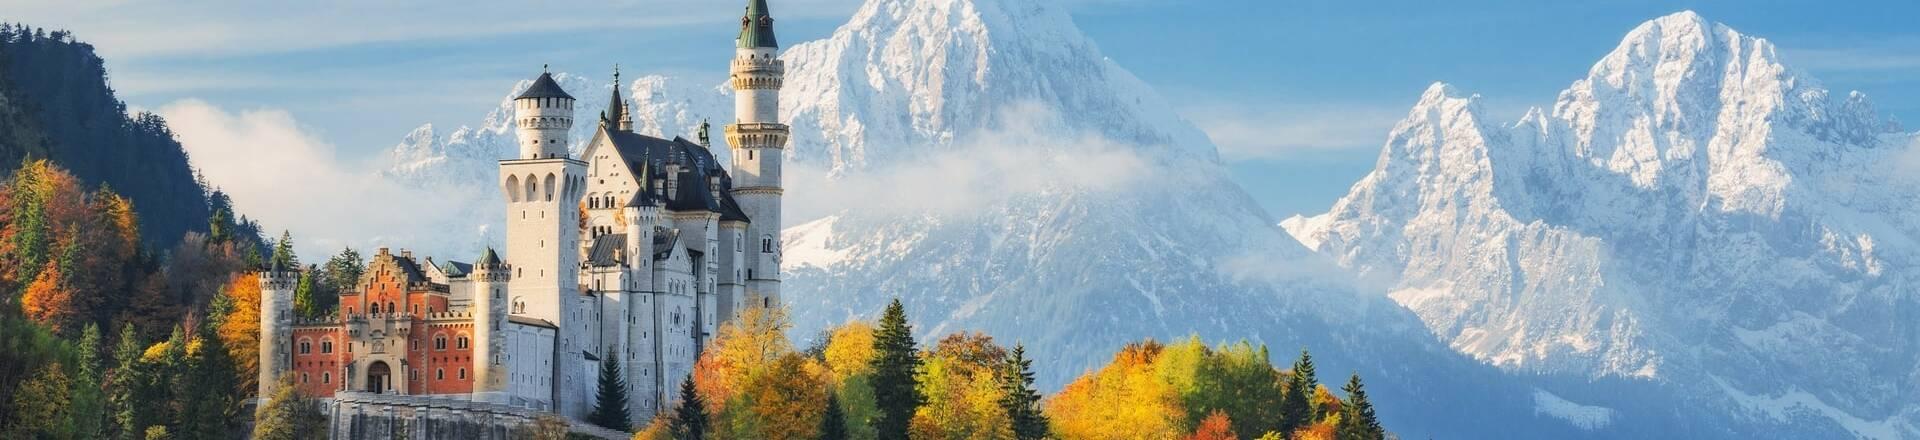 Plan De La Ville De Garmisch Partenkirchen Allemagne Liste Des Hotels